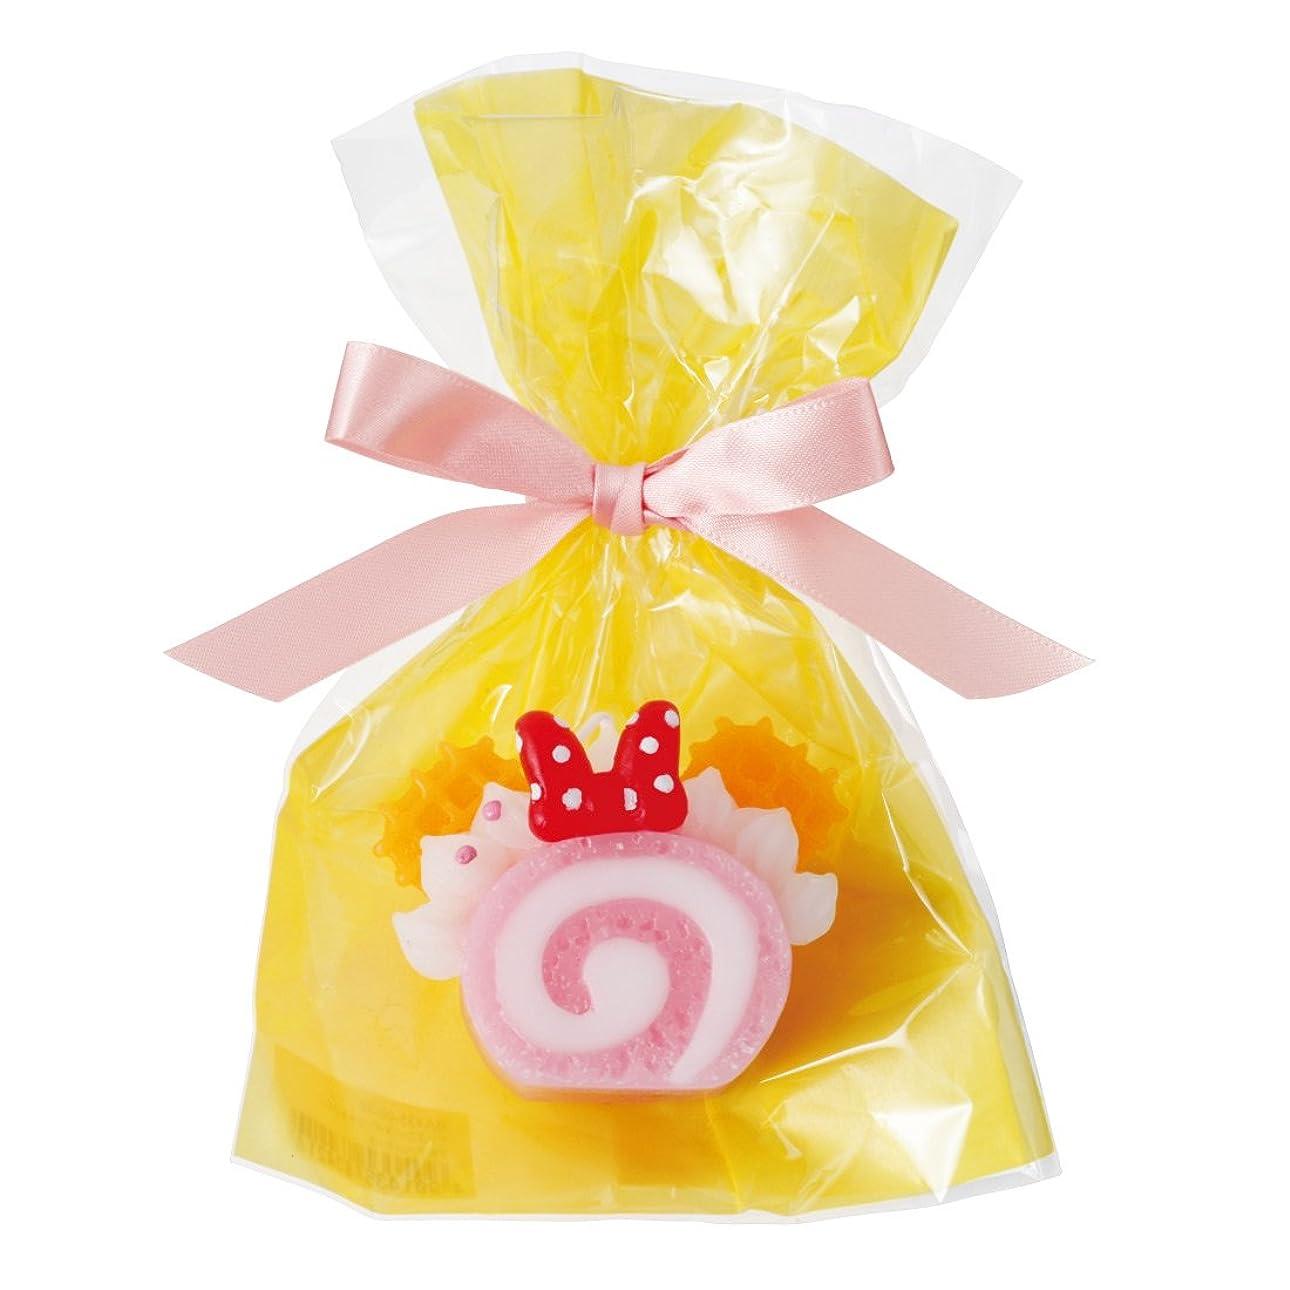 部分的送る挑発するディズニースイーツキャンドル 「 ピンクロールケーキ 」